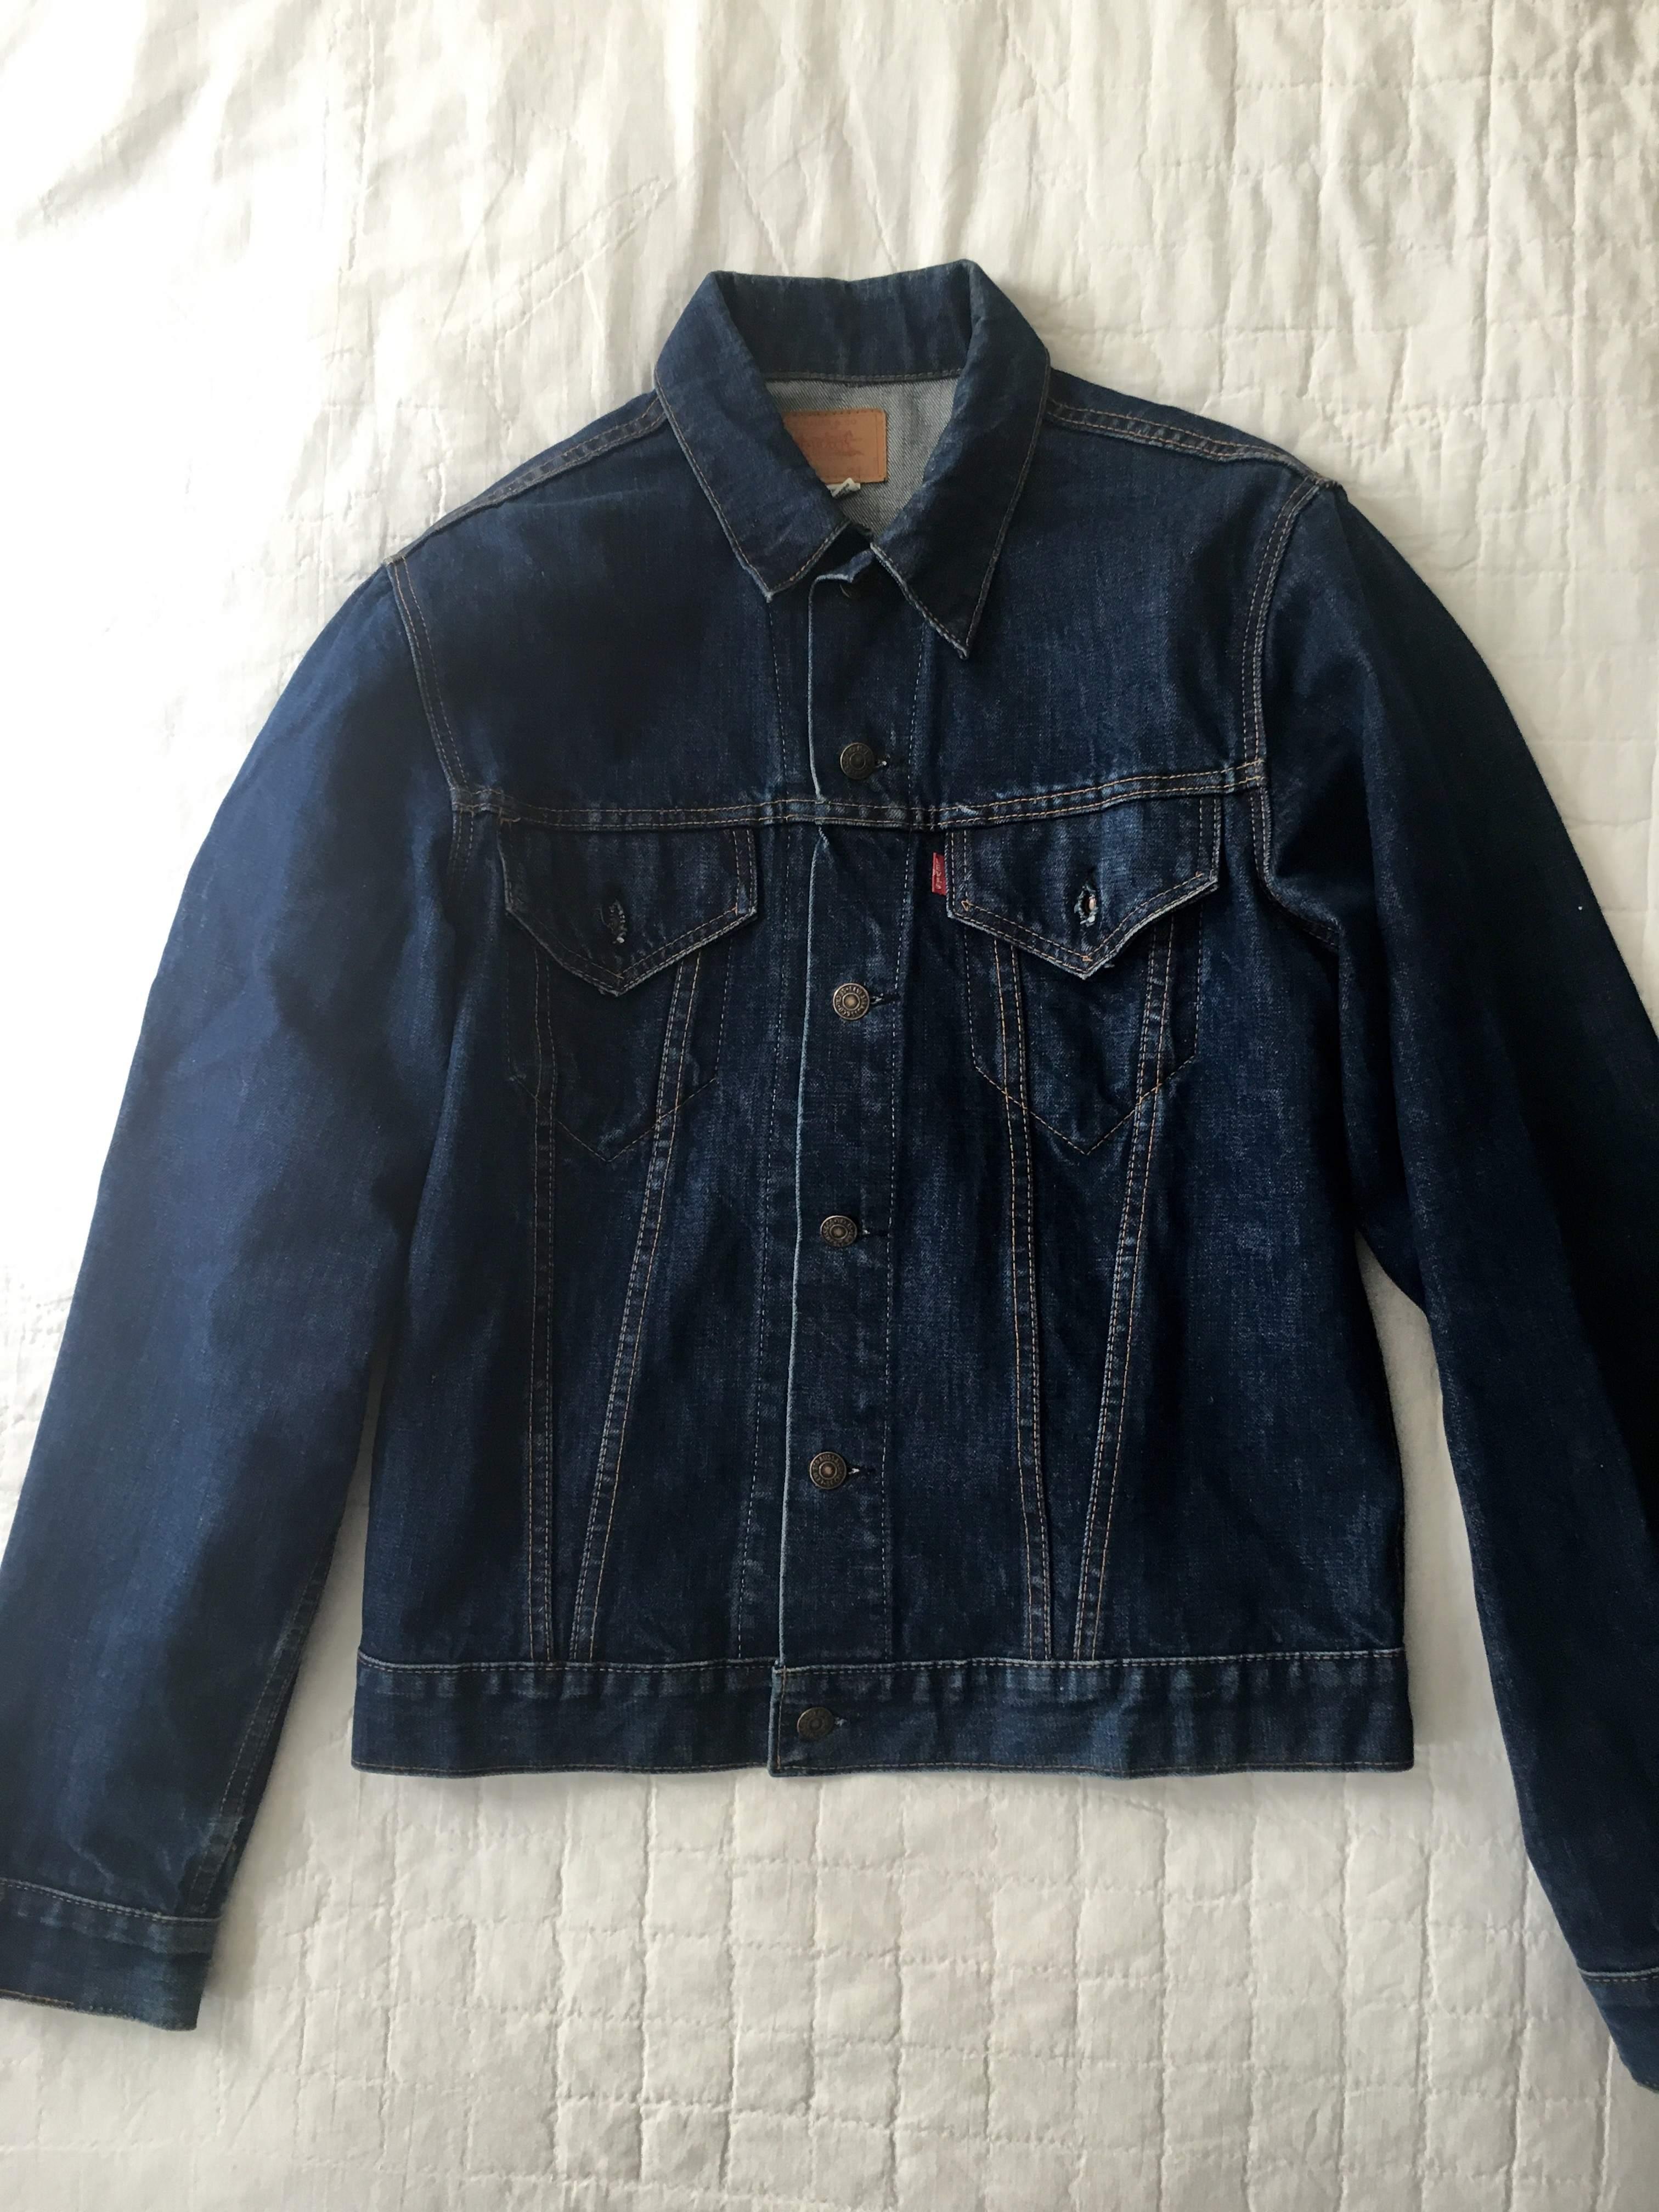 Levi's Big E Type 3 Jacket, Size 42